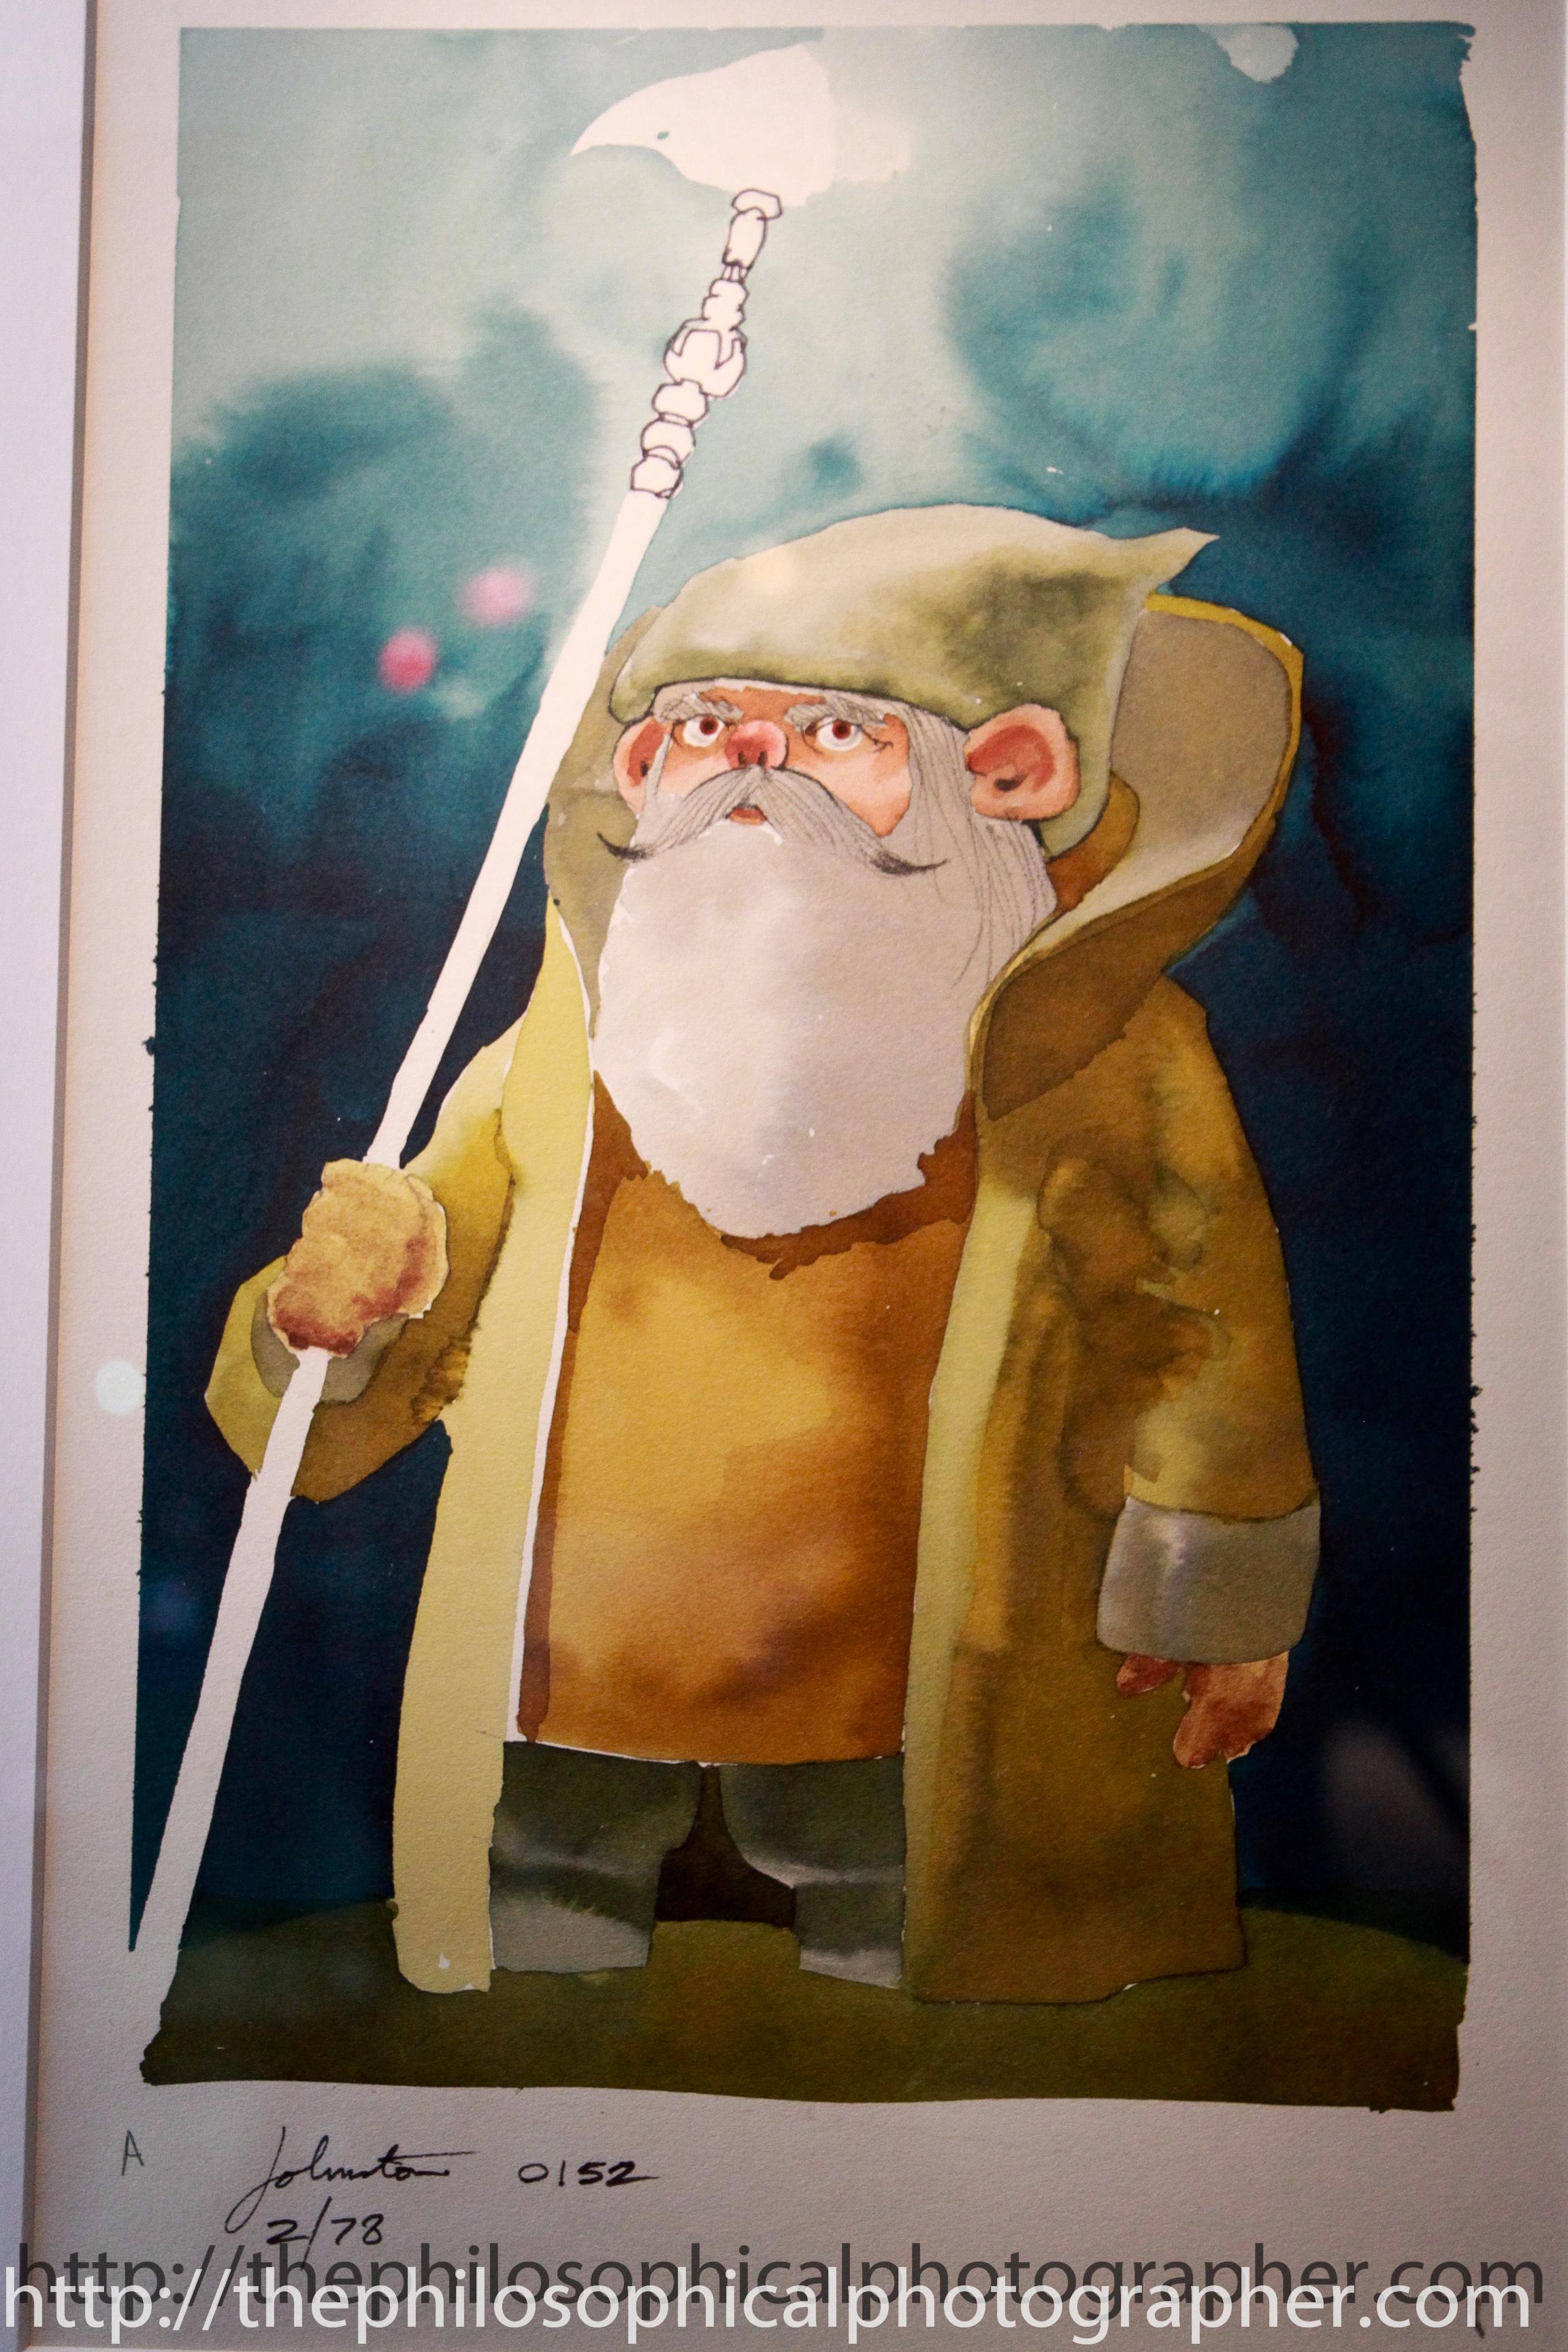 Early Yoda Still Know as Minch